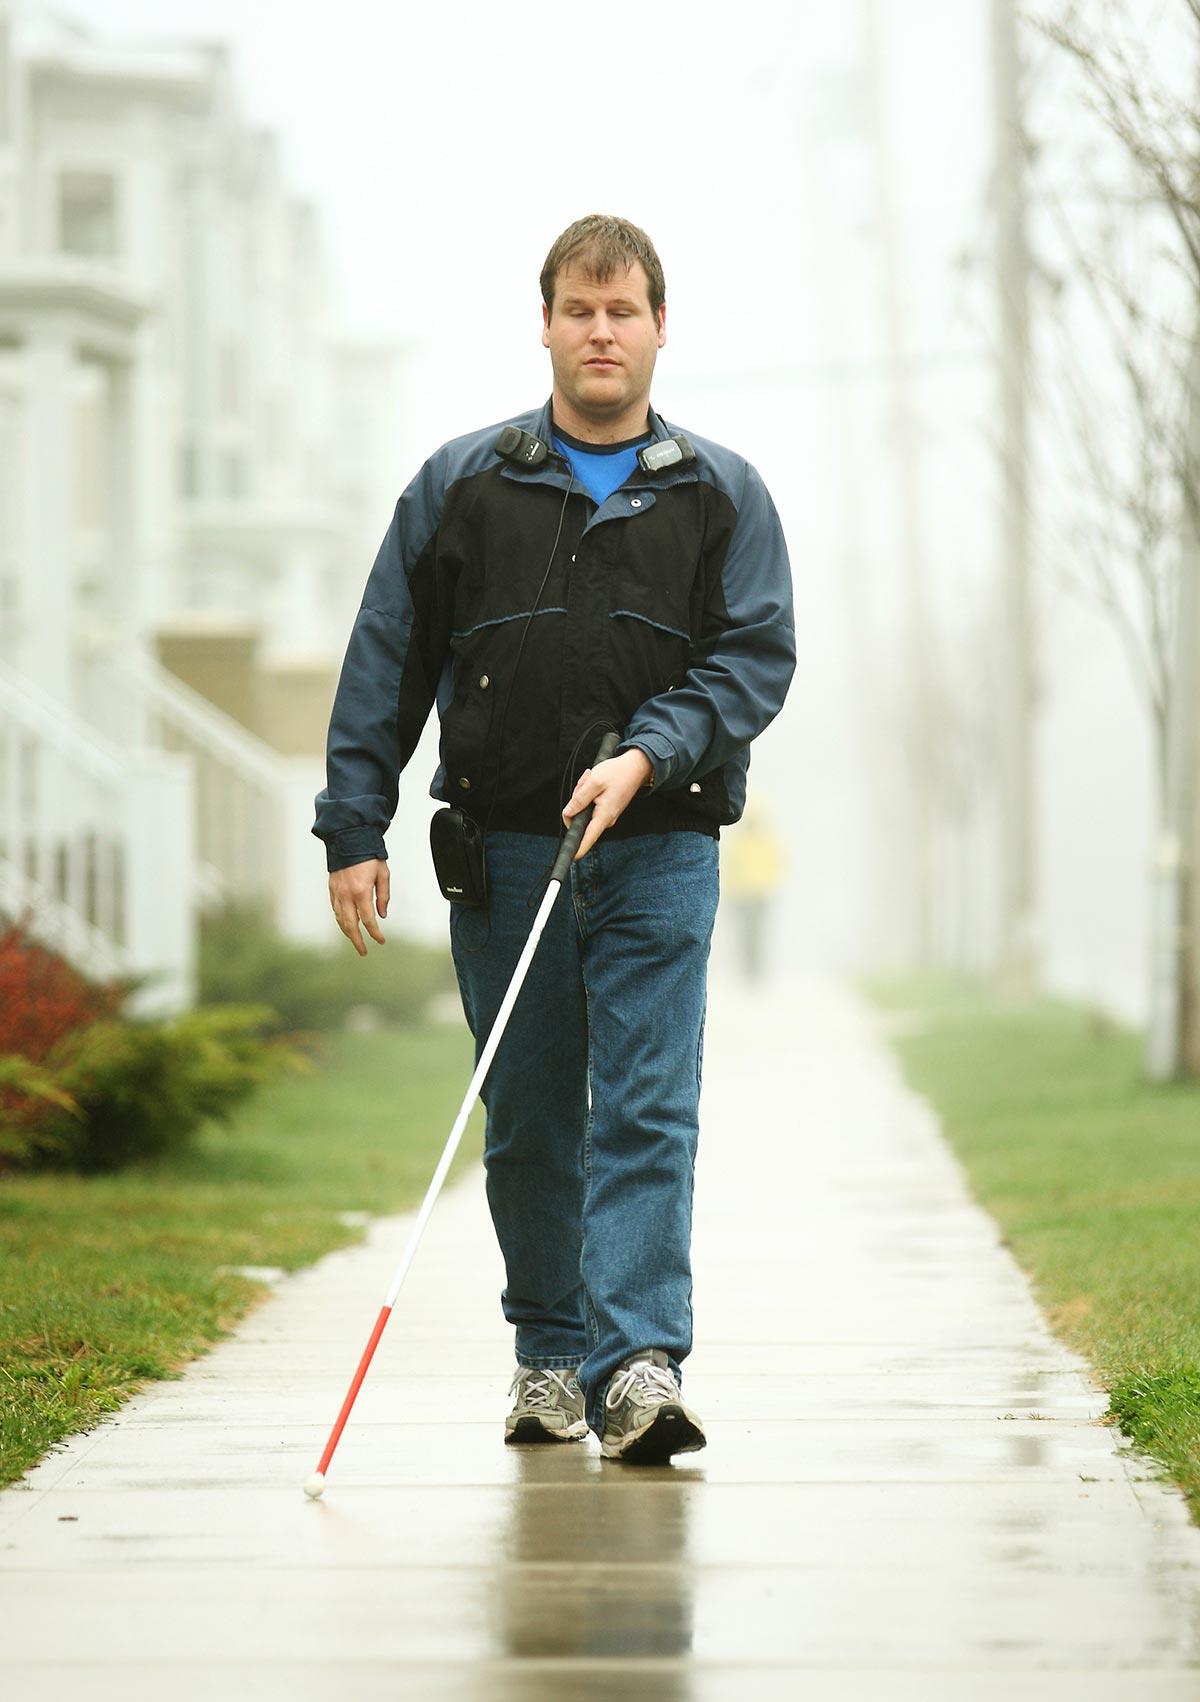 Zdjęcie przedstawia mężczyznę, najprawdopodobniej niewidomego, idacego chodnikiem przez osiedle. Przed sobą trzyma białą laske z czerwonym zakończeniem. Ubrany jest na sportowo.